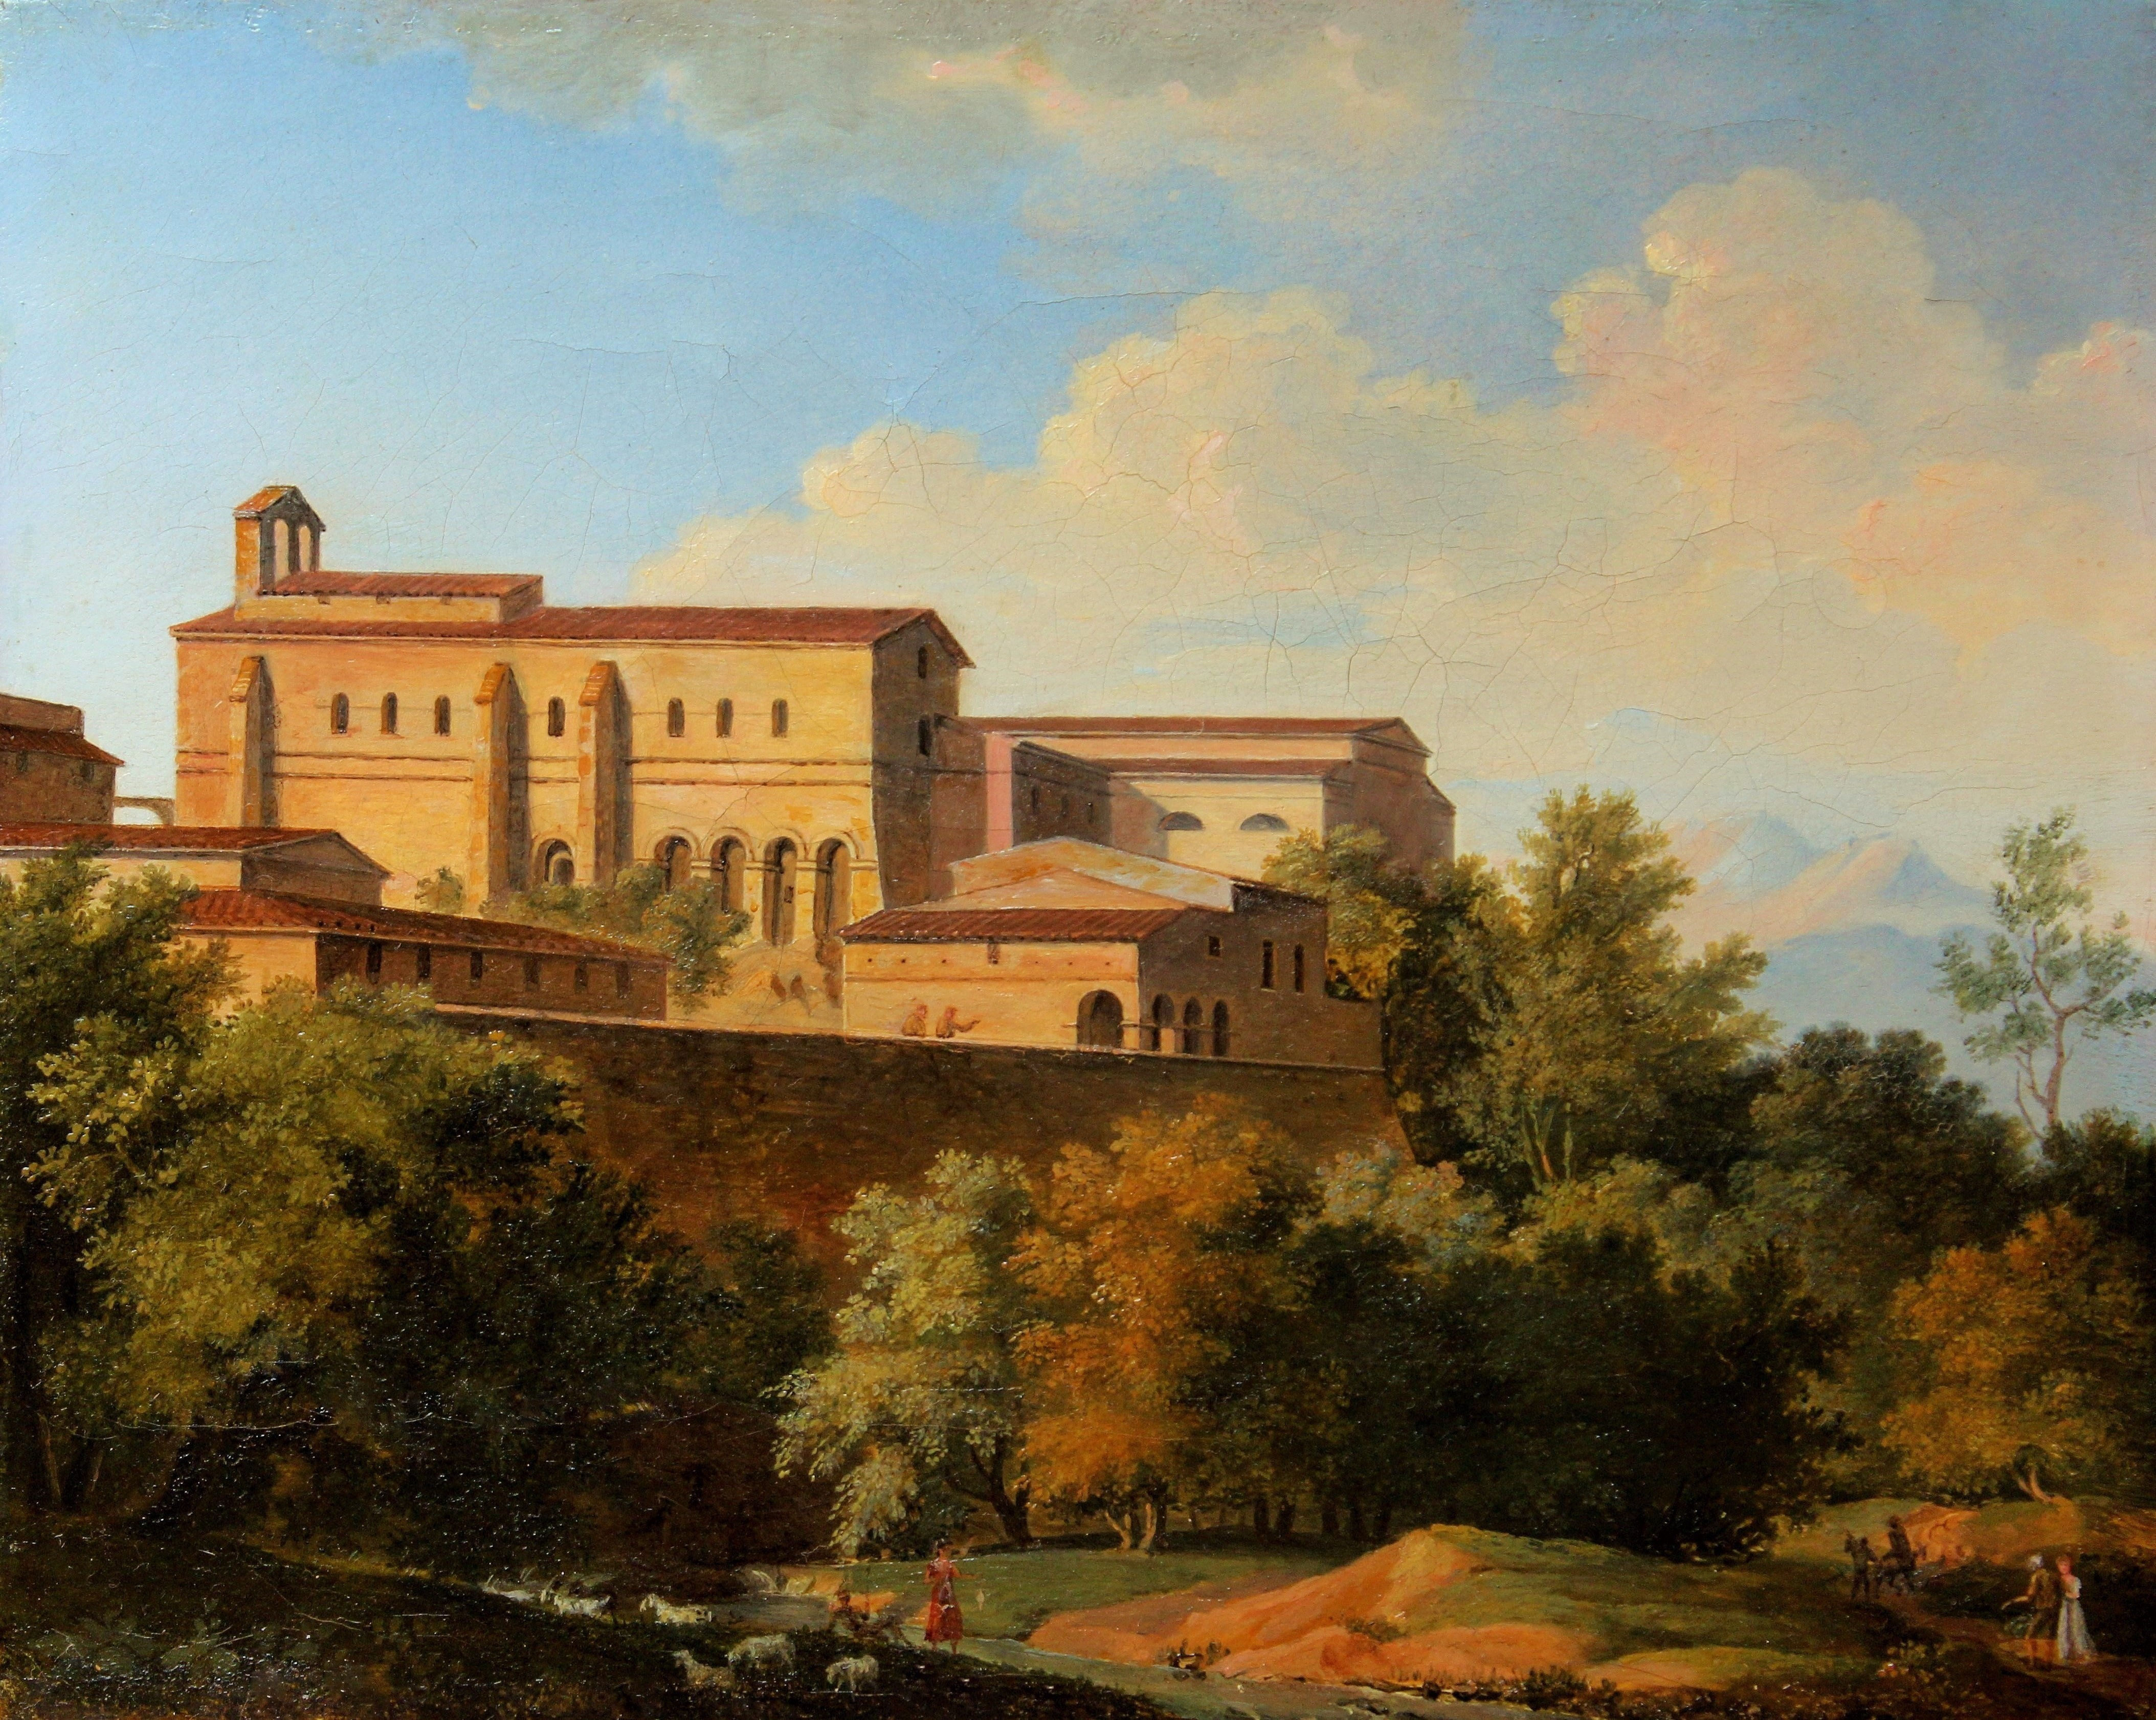 Joseph August Knip Italie abbaye architecture néo-classique huile sur toile (3)